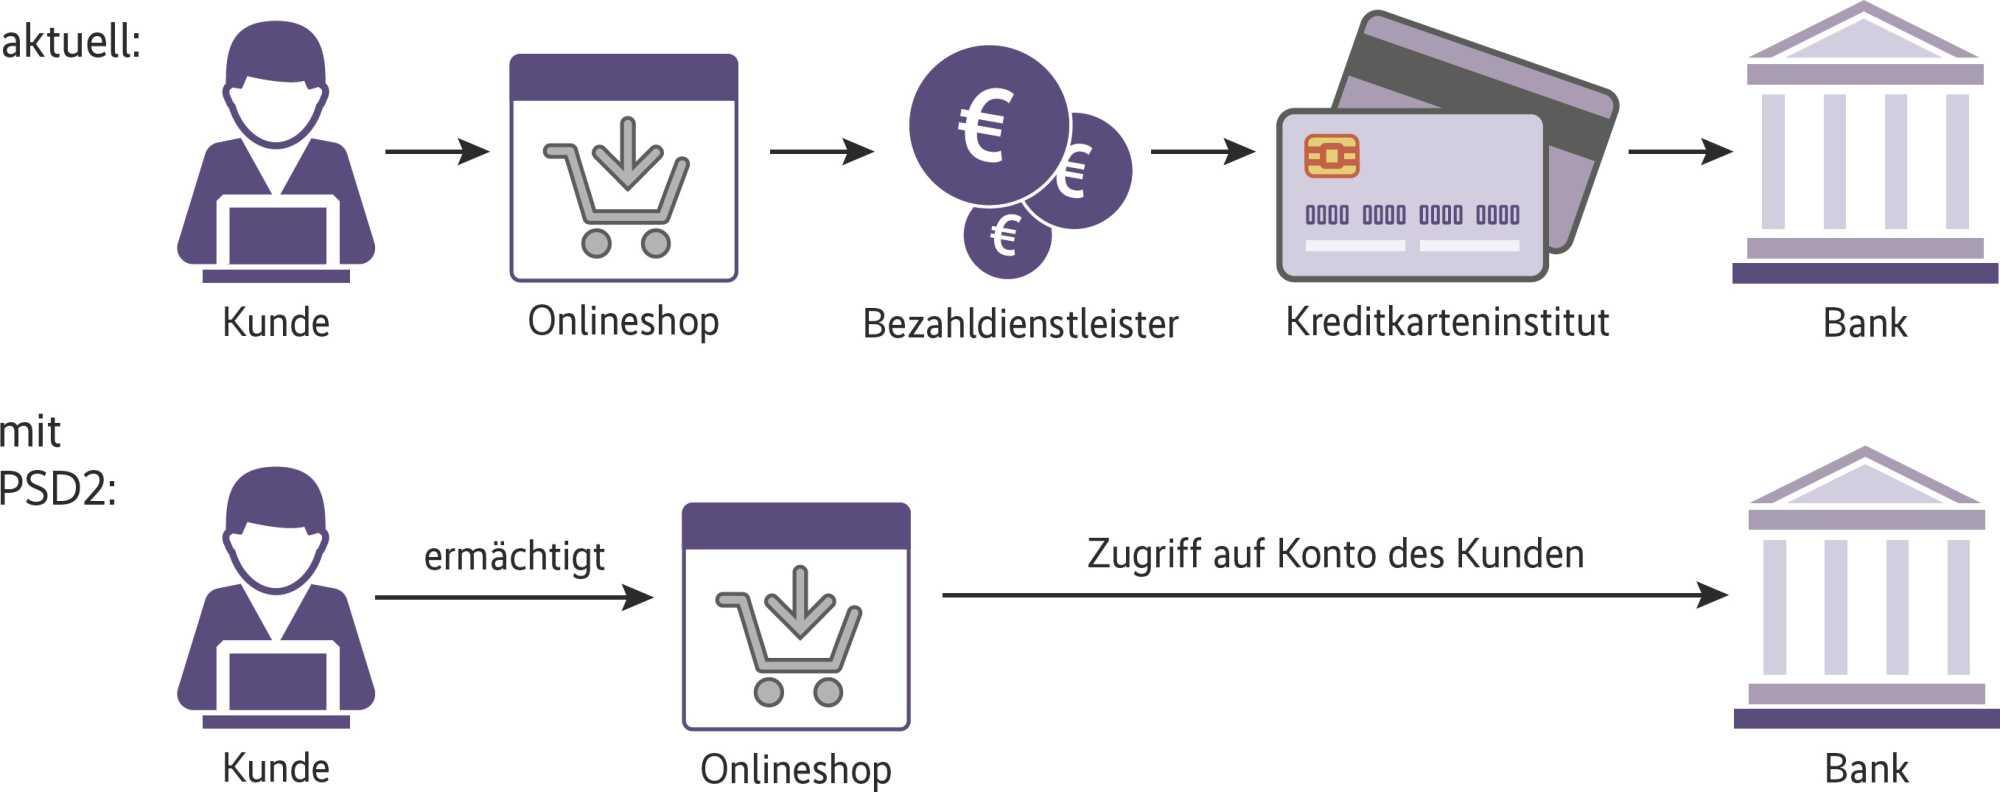 Schnittstellen sollen den direkten Zugriff auf Daten von Banken erlauben.